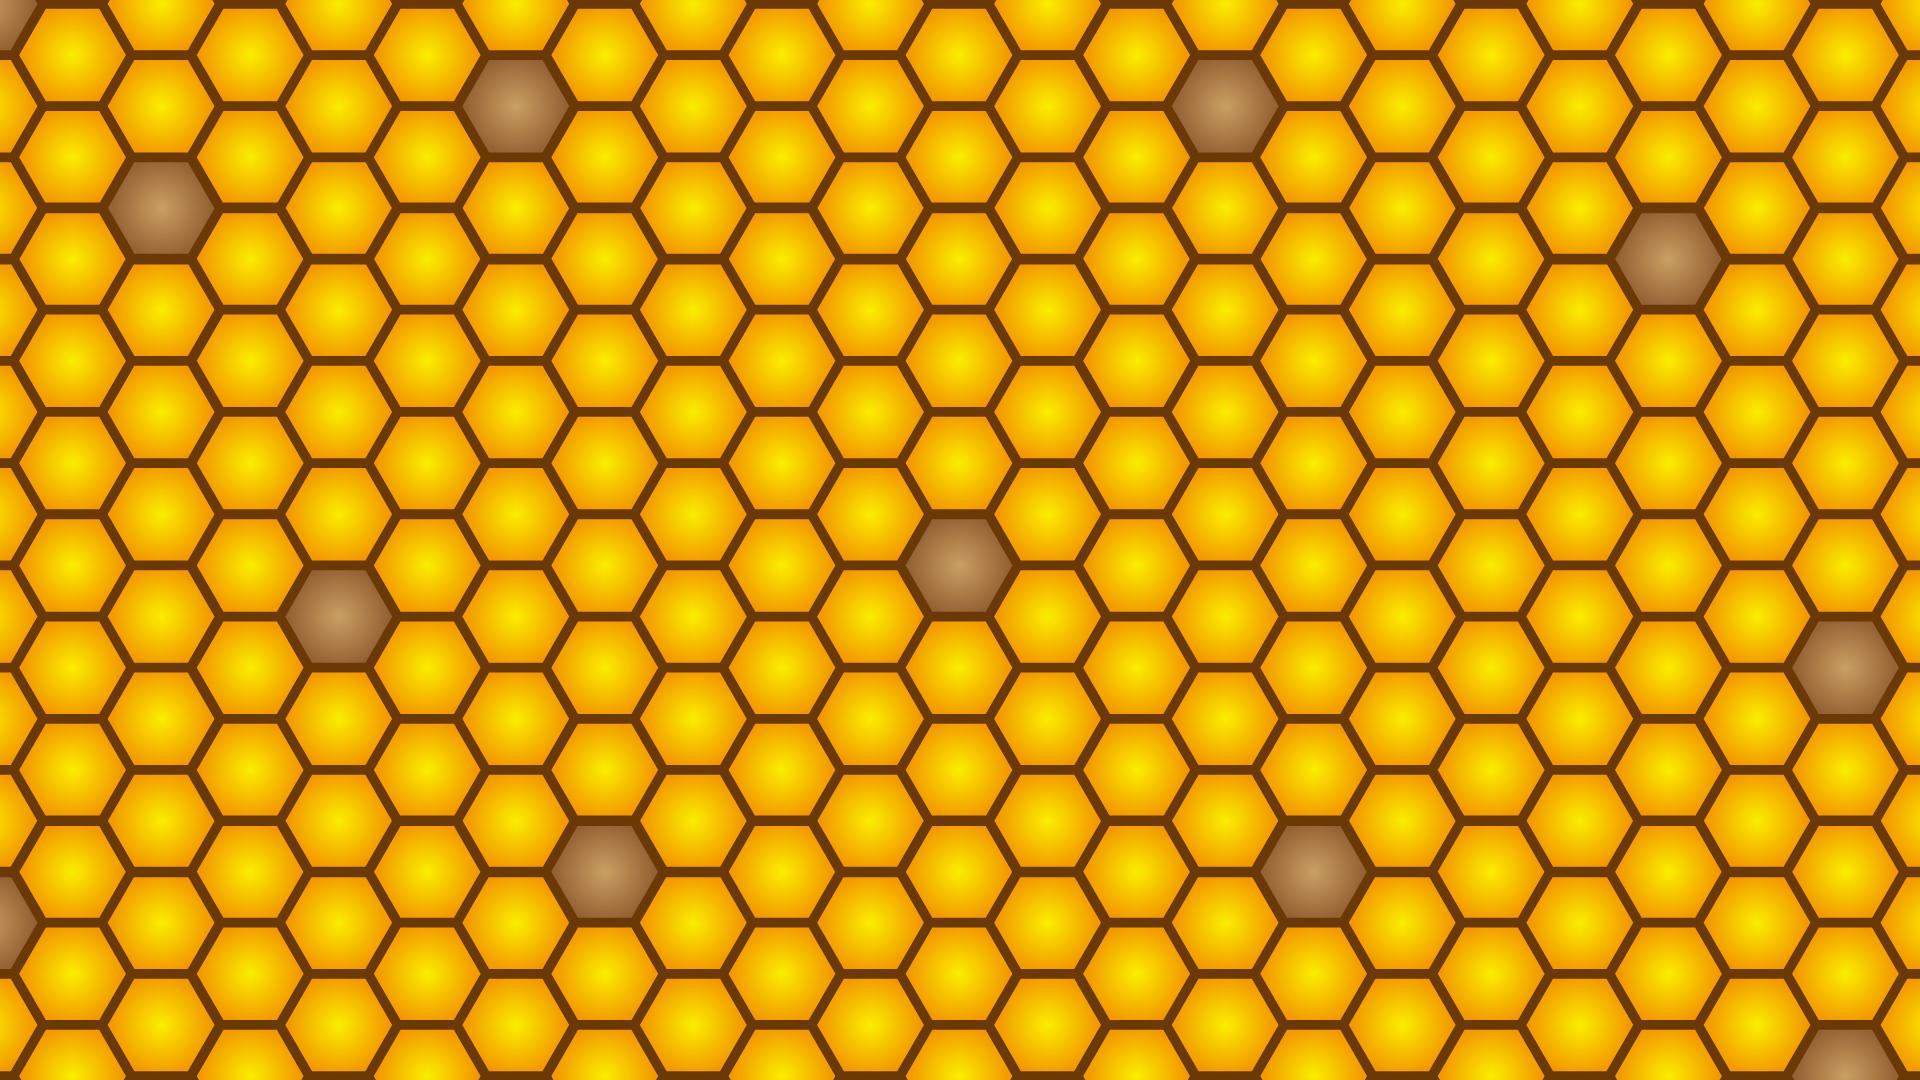 蜂の巣模様の壁紙・背景素材 1,920px×1,080px